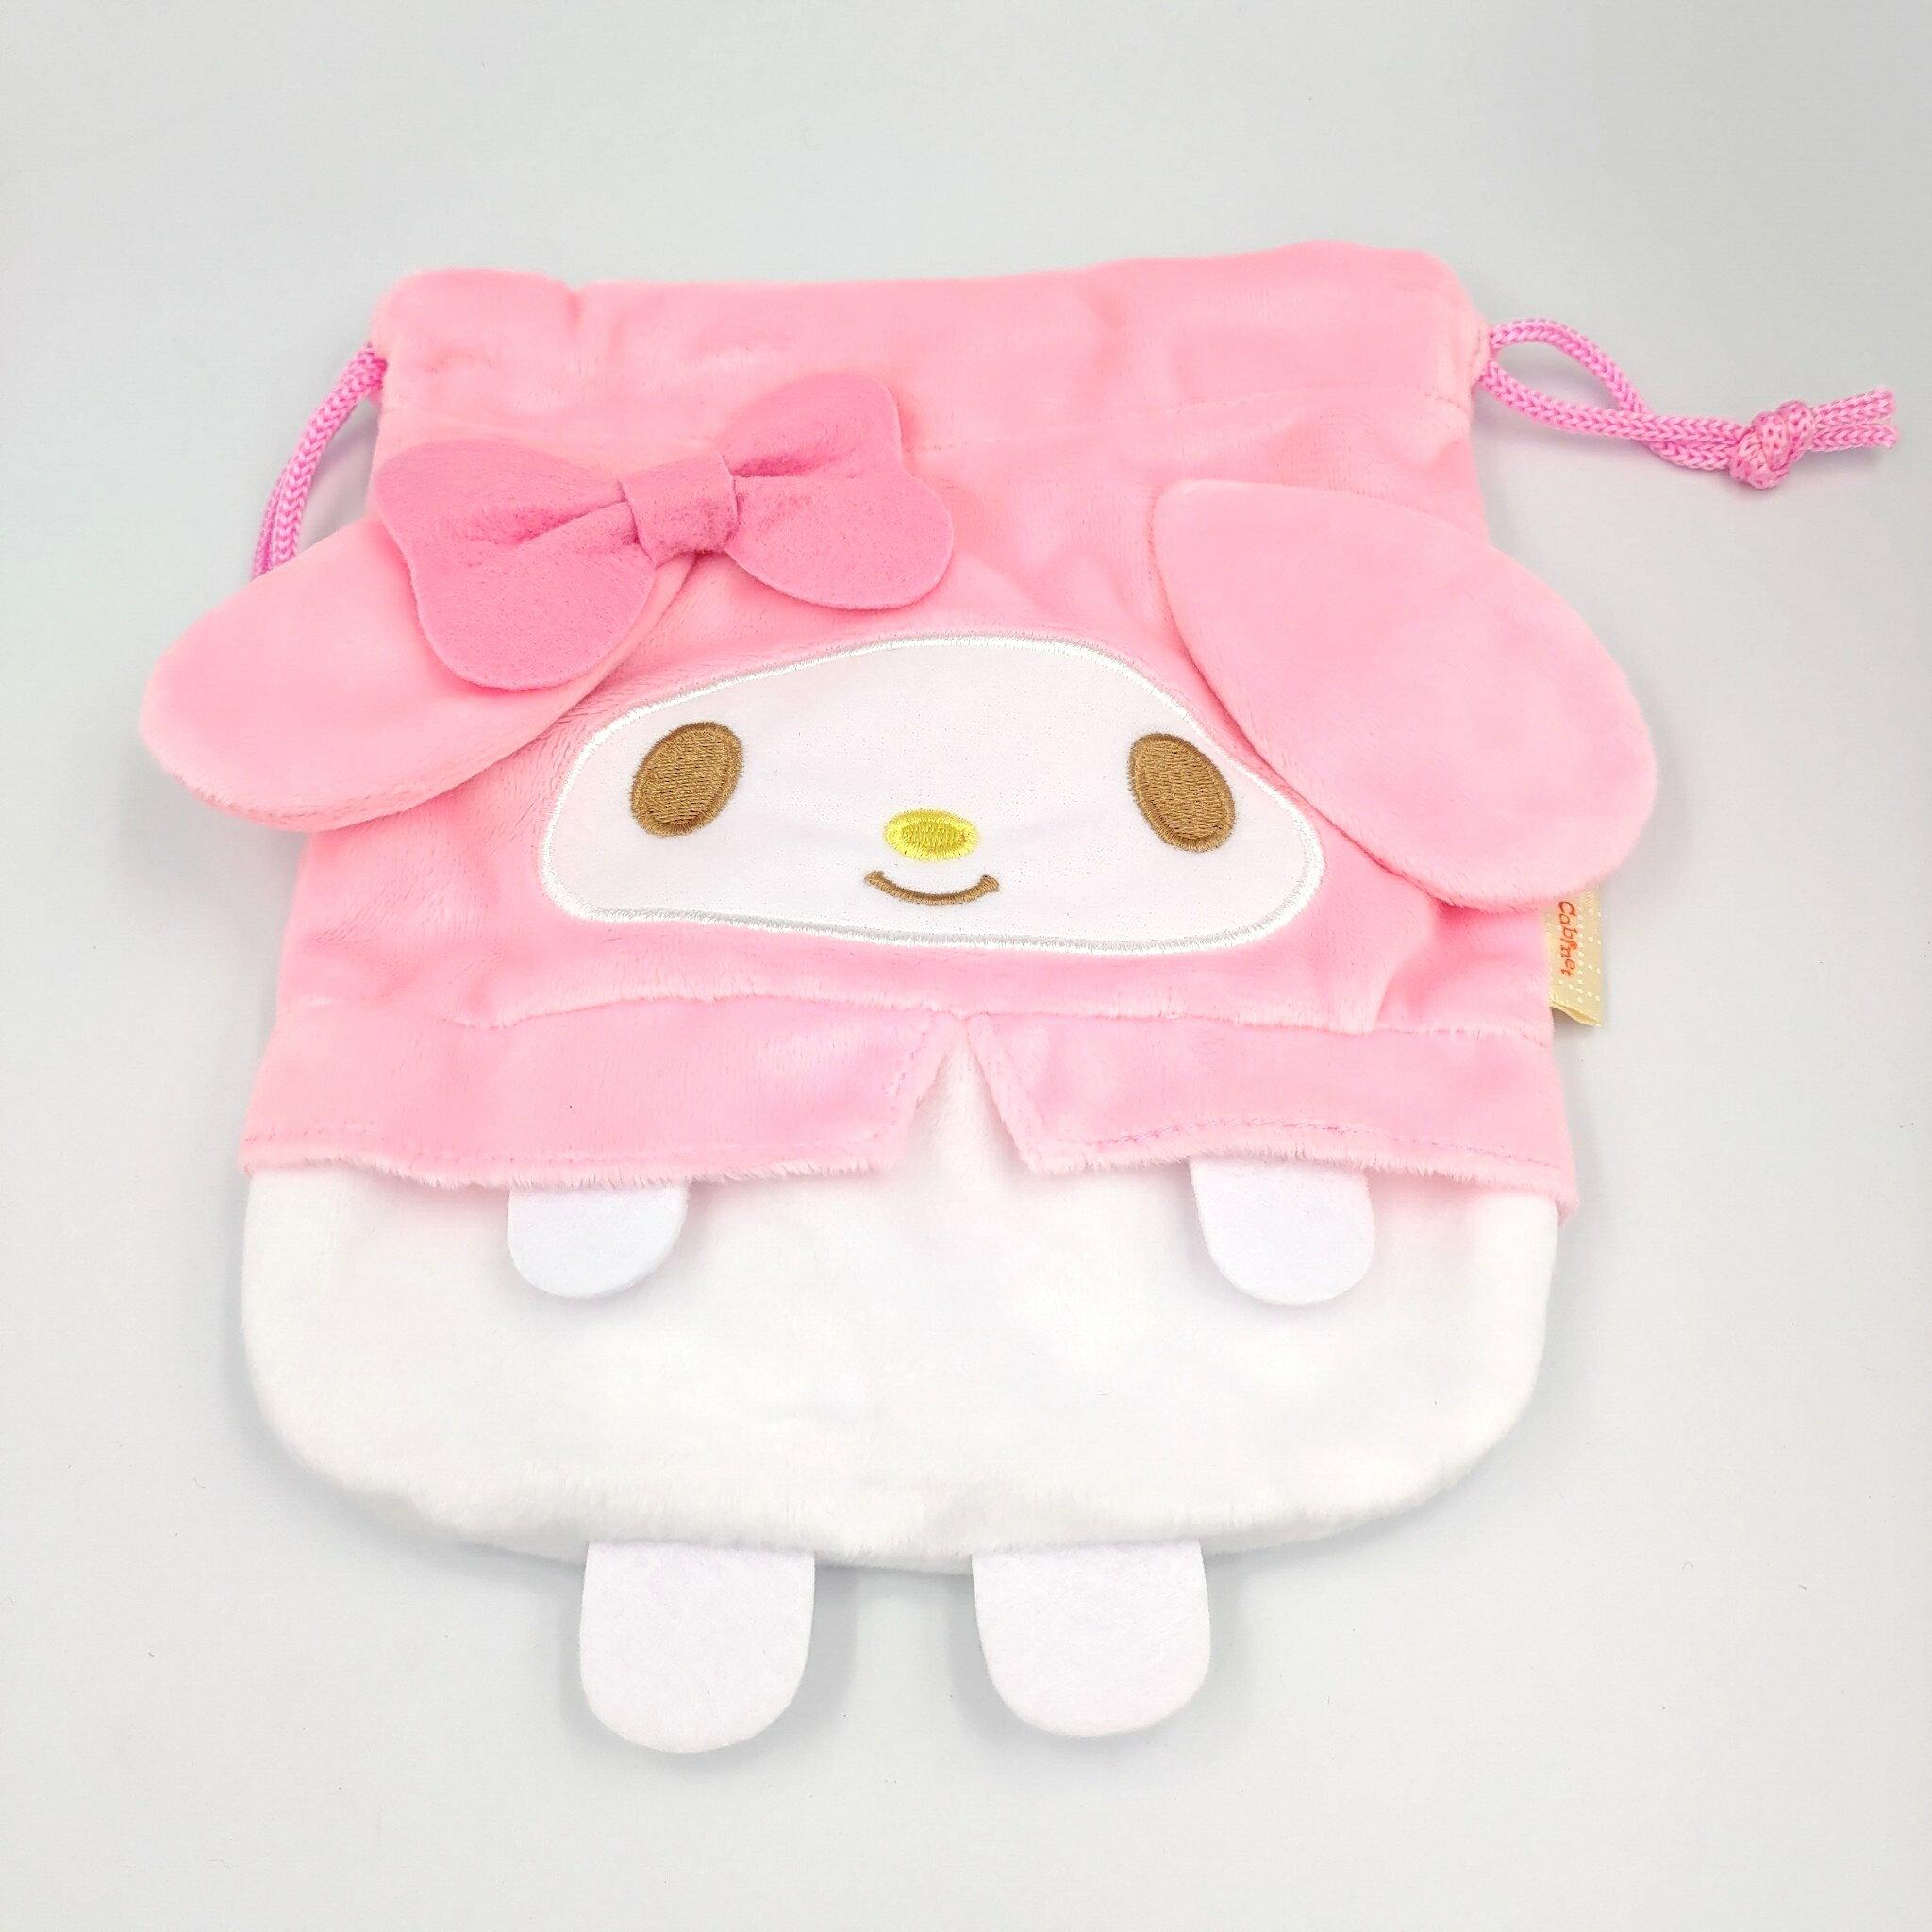 【積文館】造型束口袋 日本進口 美樂蒂 Melody 收納袋(19*17cm)